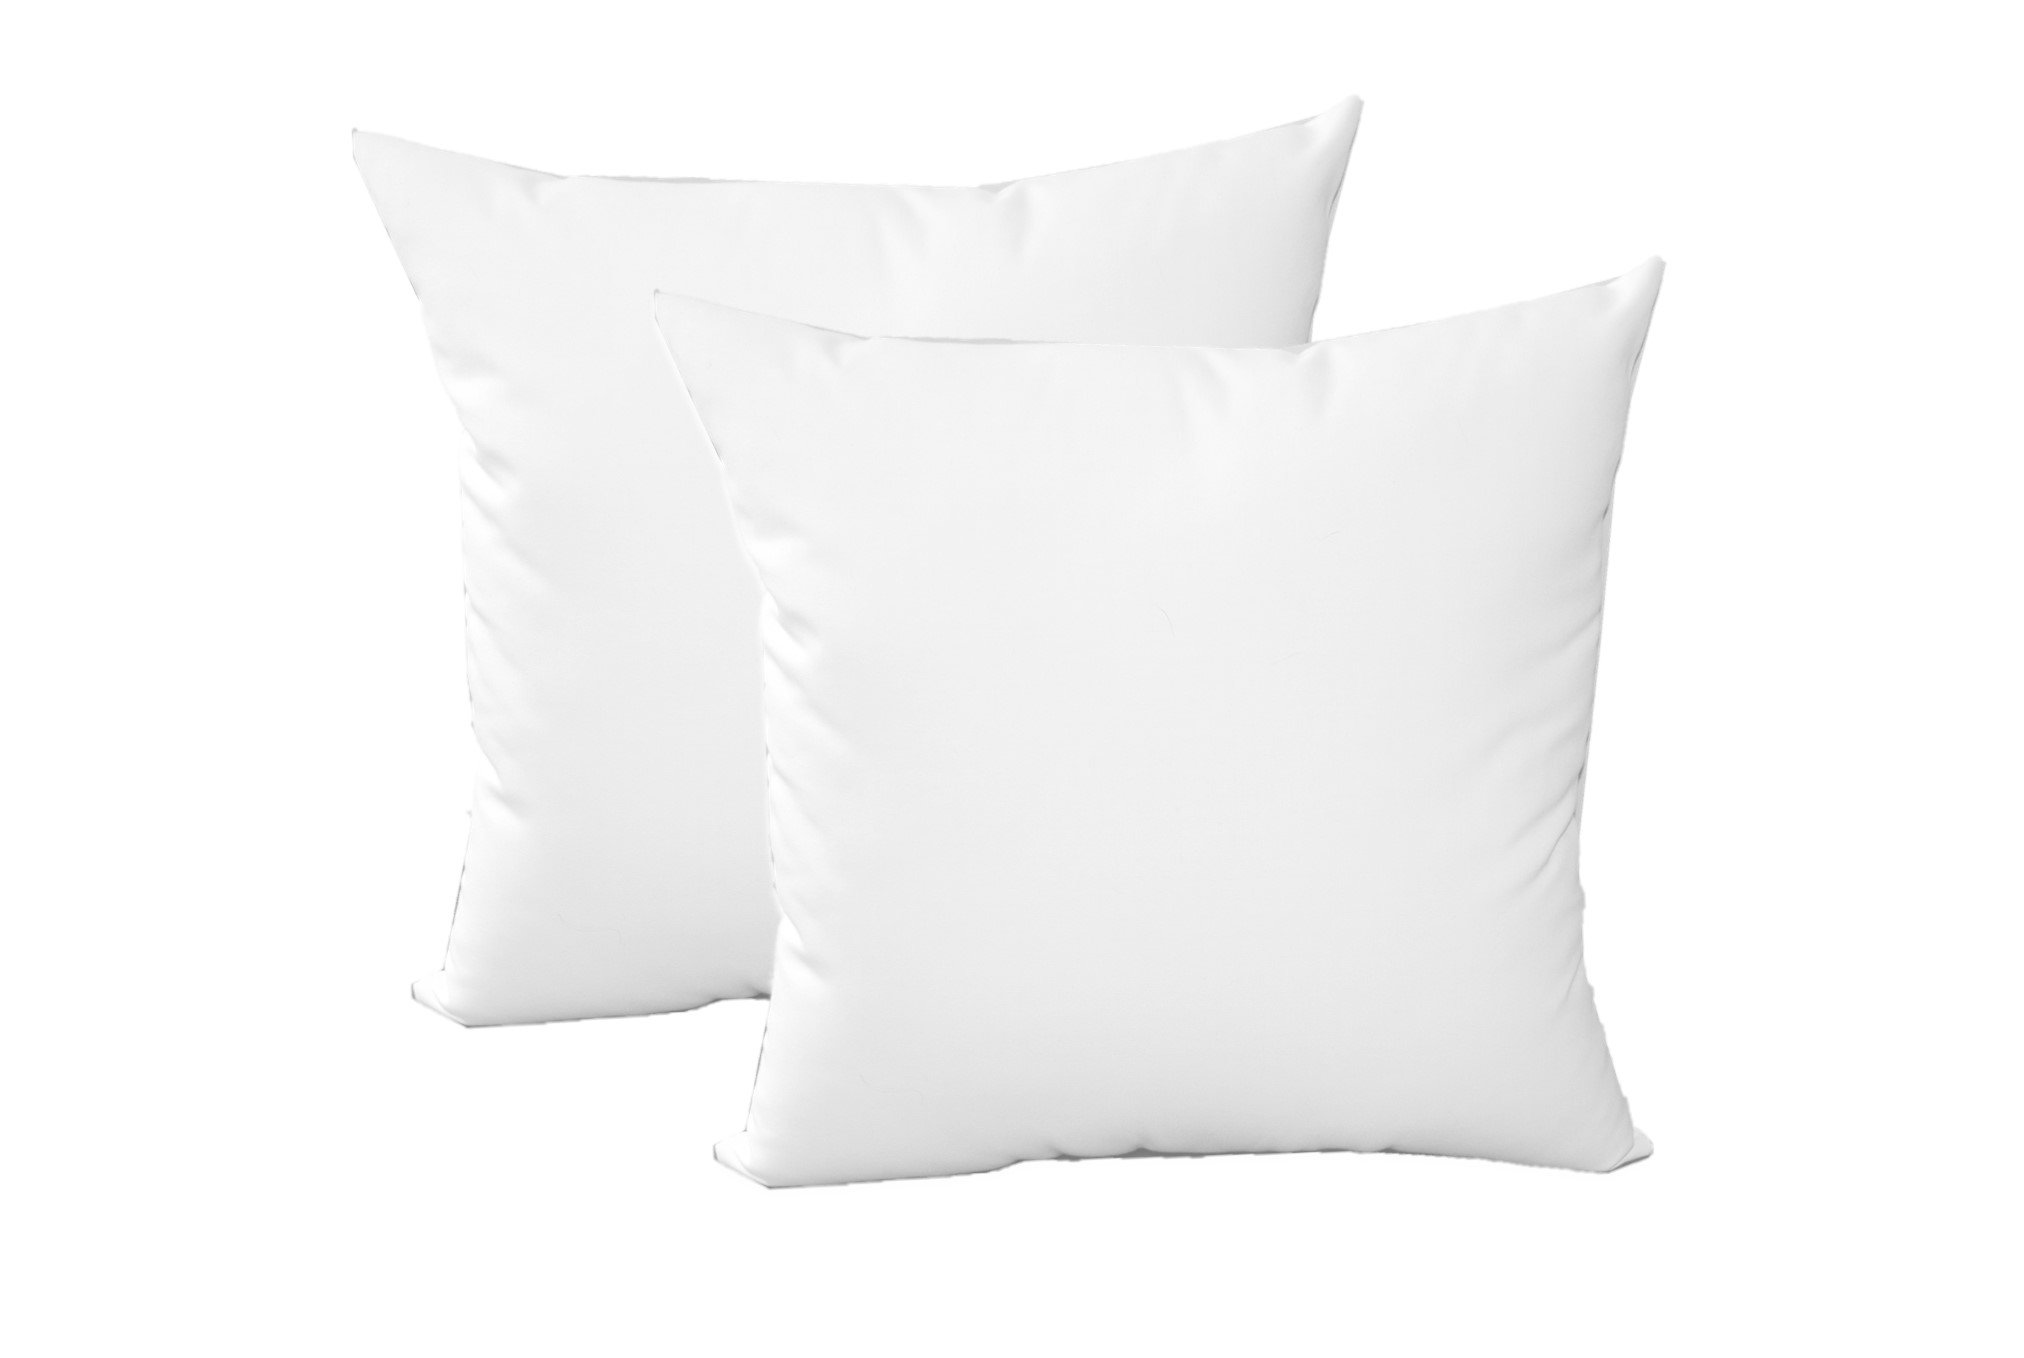 Set of 2 - Indoor / Outdoor 20'' Square Decorative Throw / Toss Pillows - Premium Sunbrella Canvas White Fabric